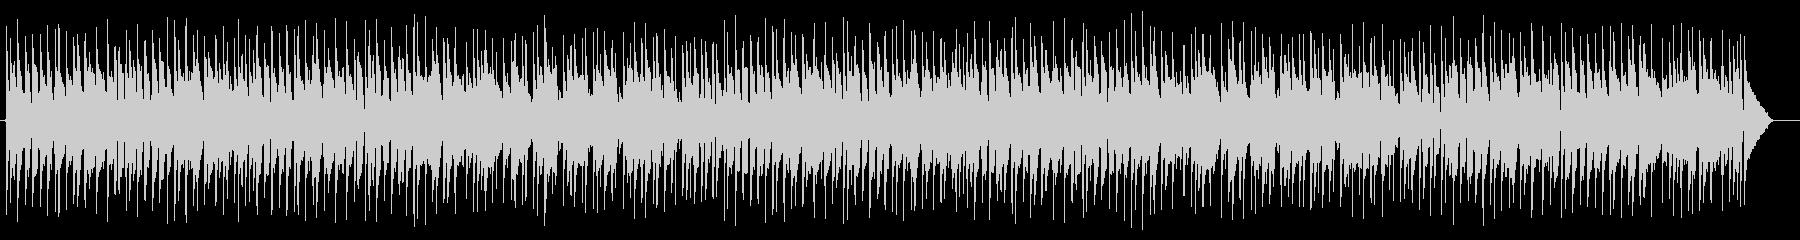 セピア感のあるピアノシンセの未再生の波形